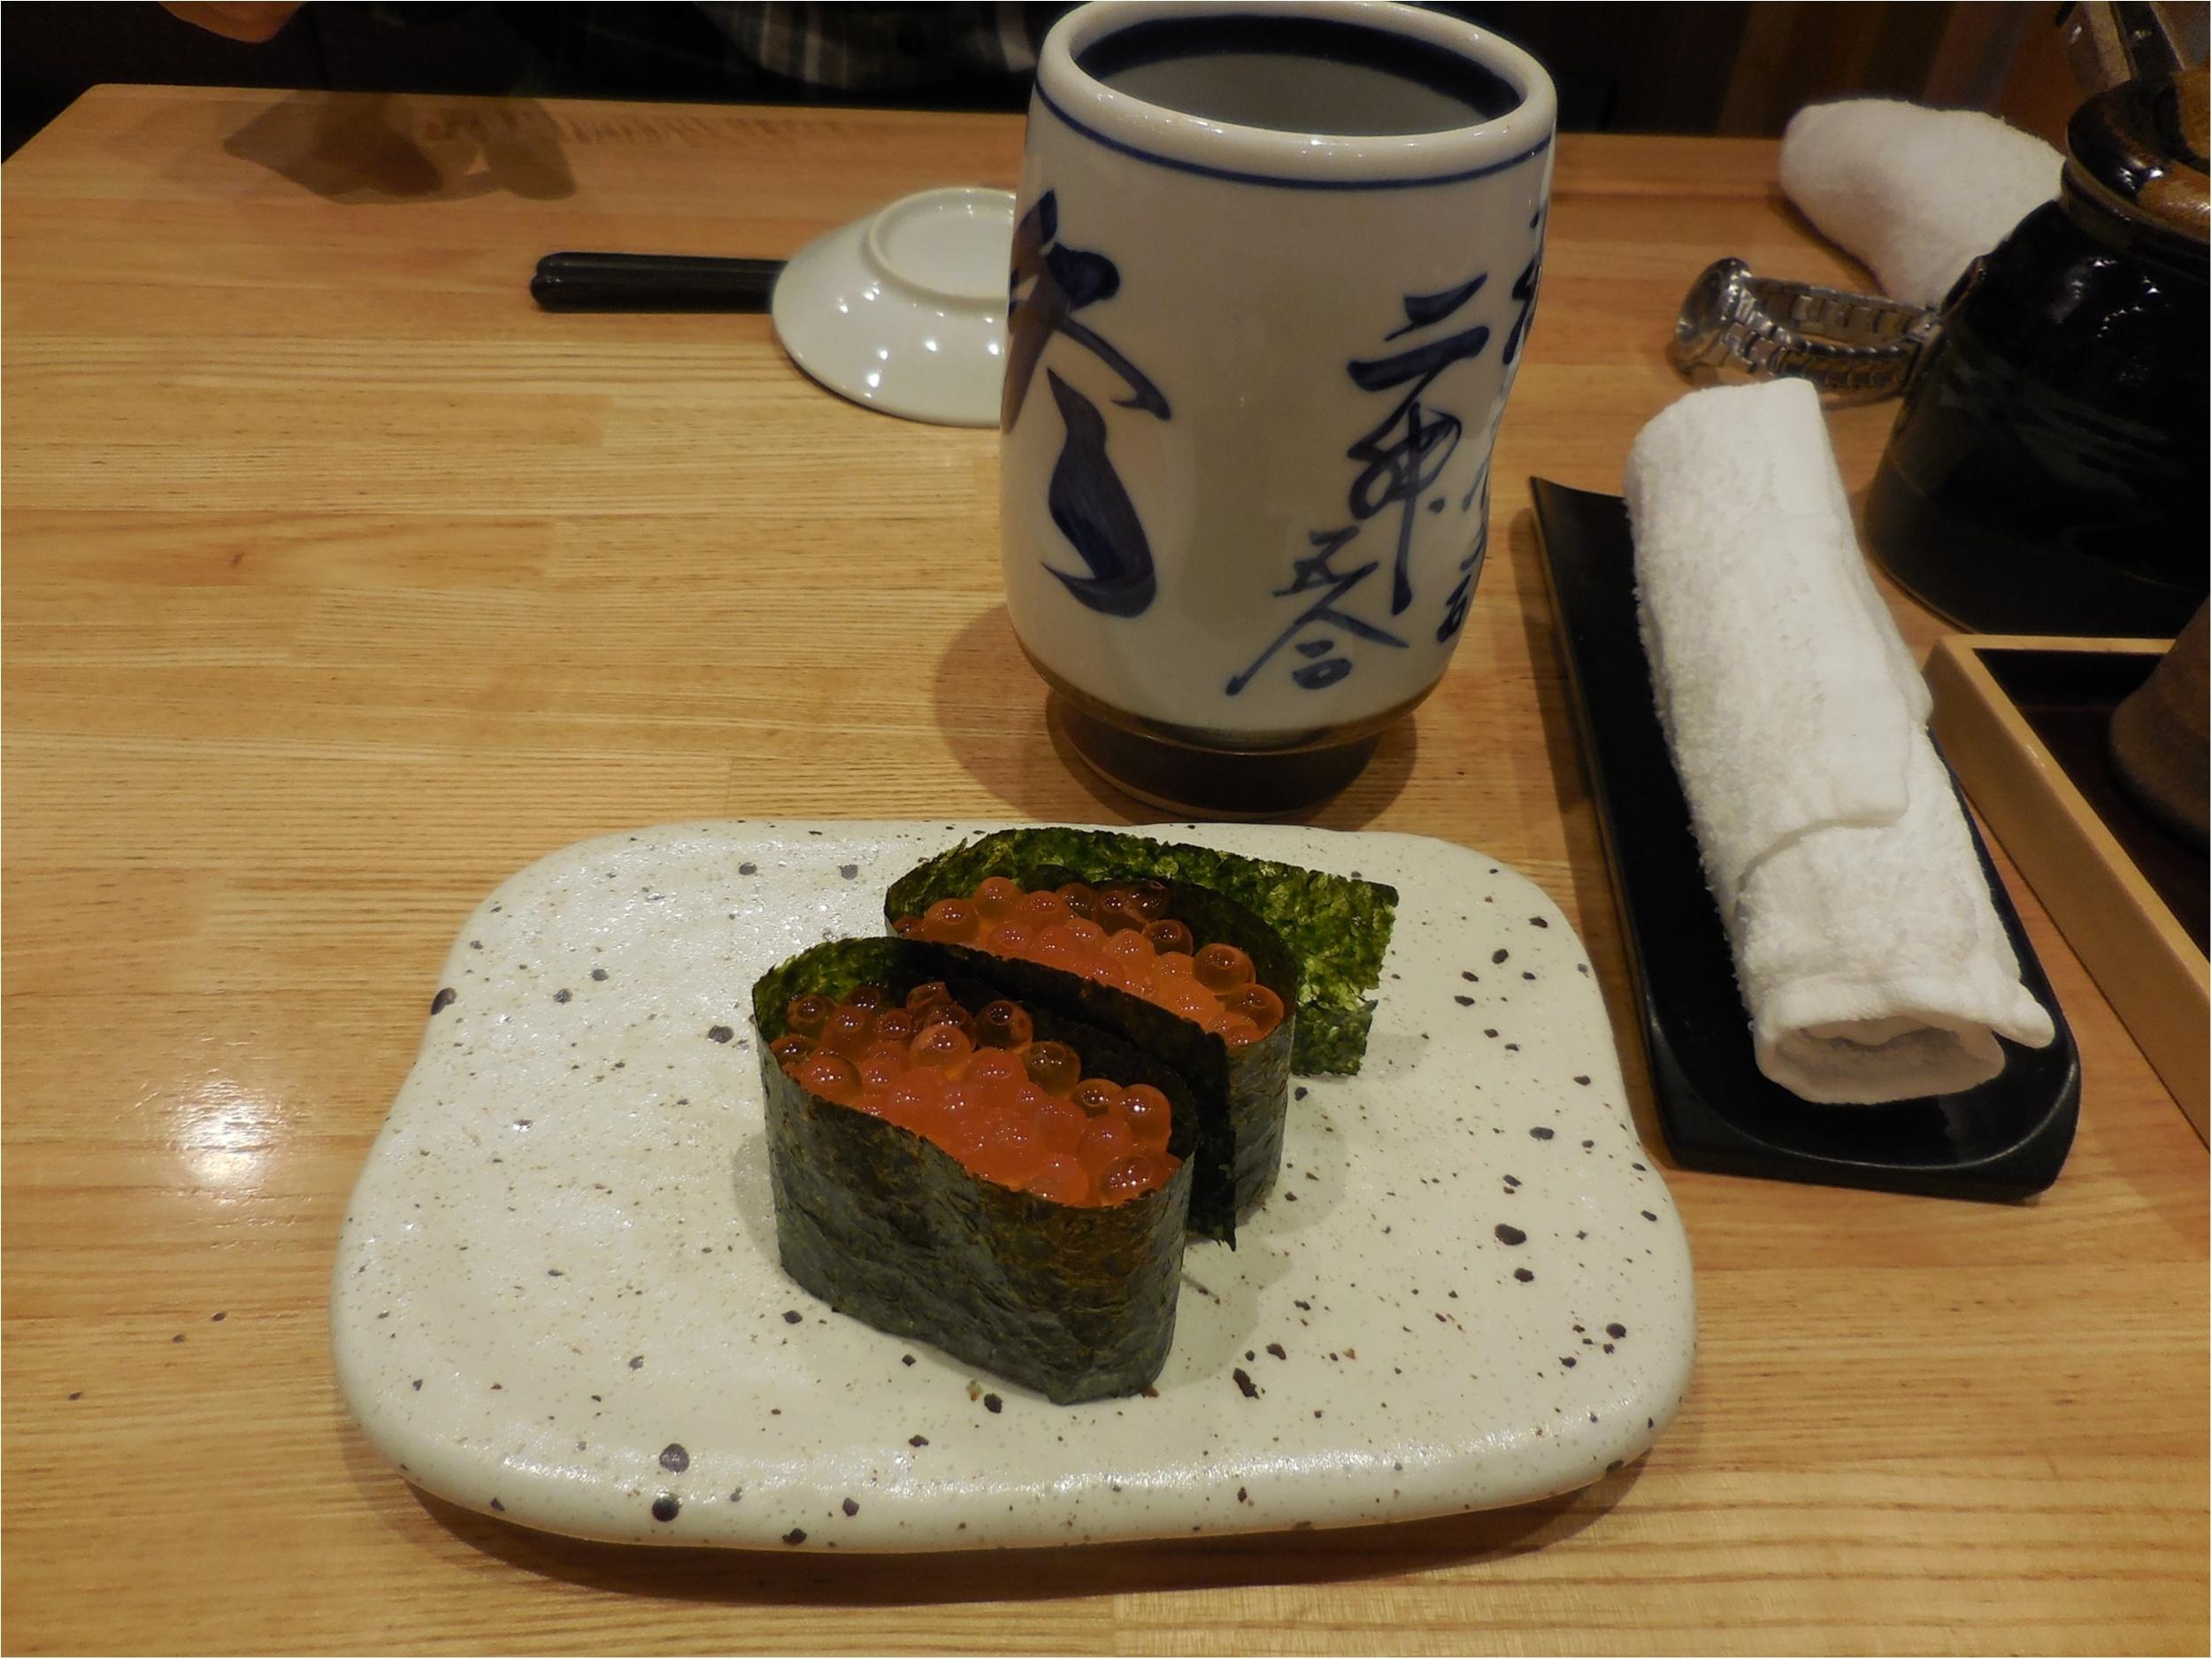 【築地玉寿司】高級寿司の食べ放題へ2回目行ってきました_2